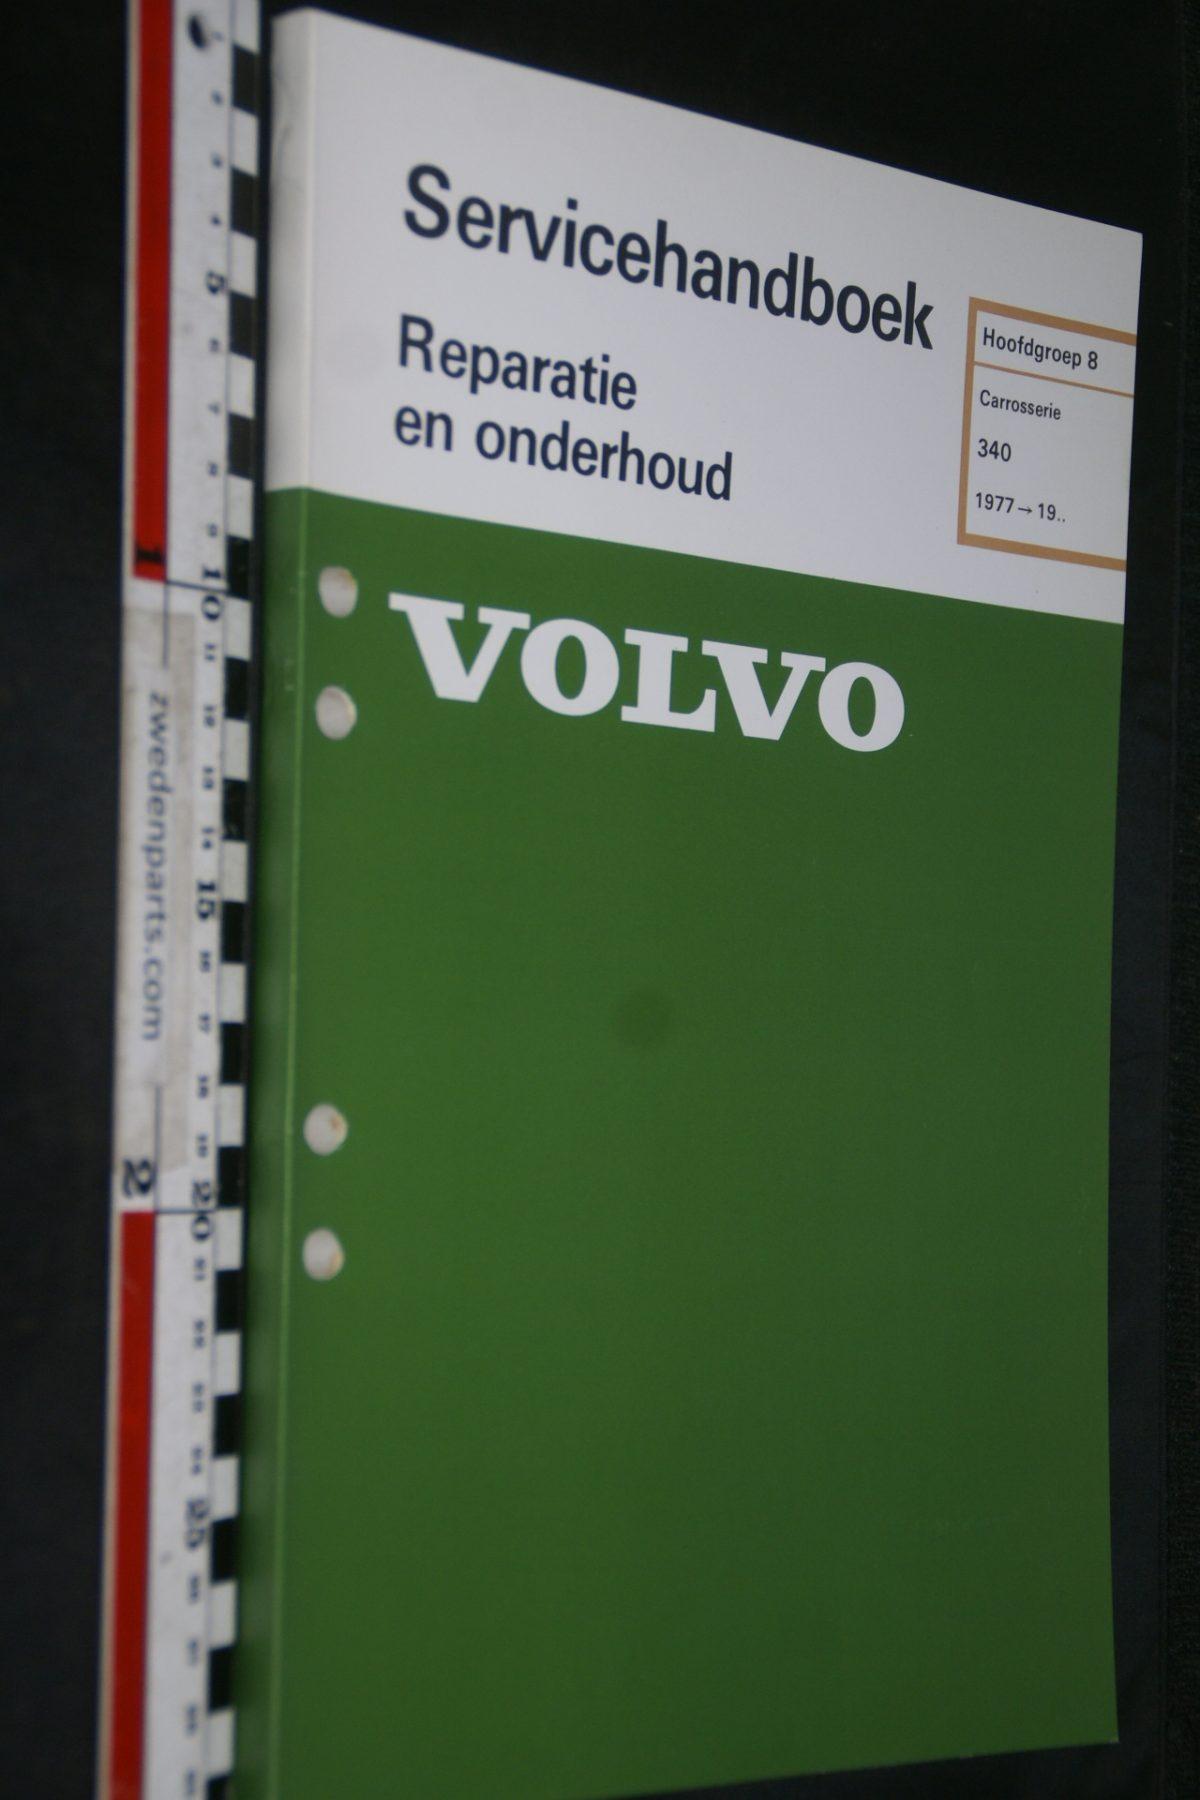 DSC06788 1981 origineel Volvo 340 servicehandboek 8 carosserie 1 van 800 TP 11981-2